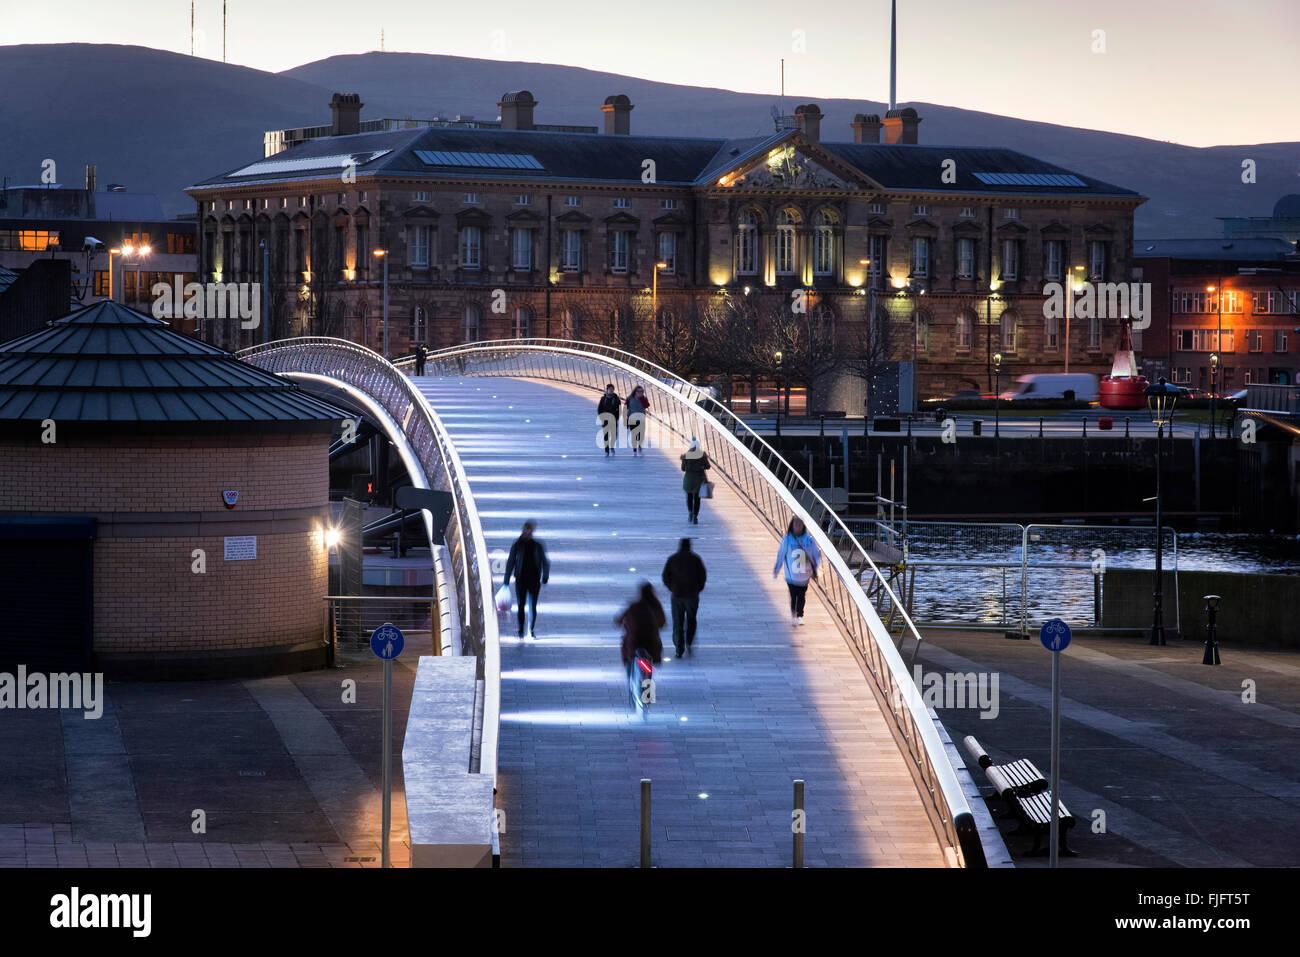 Lagan weir puente peatonal y ciclista Belfast, Irlanda del Norte al atardecer Imagen De Stock